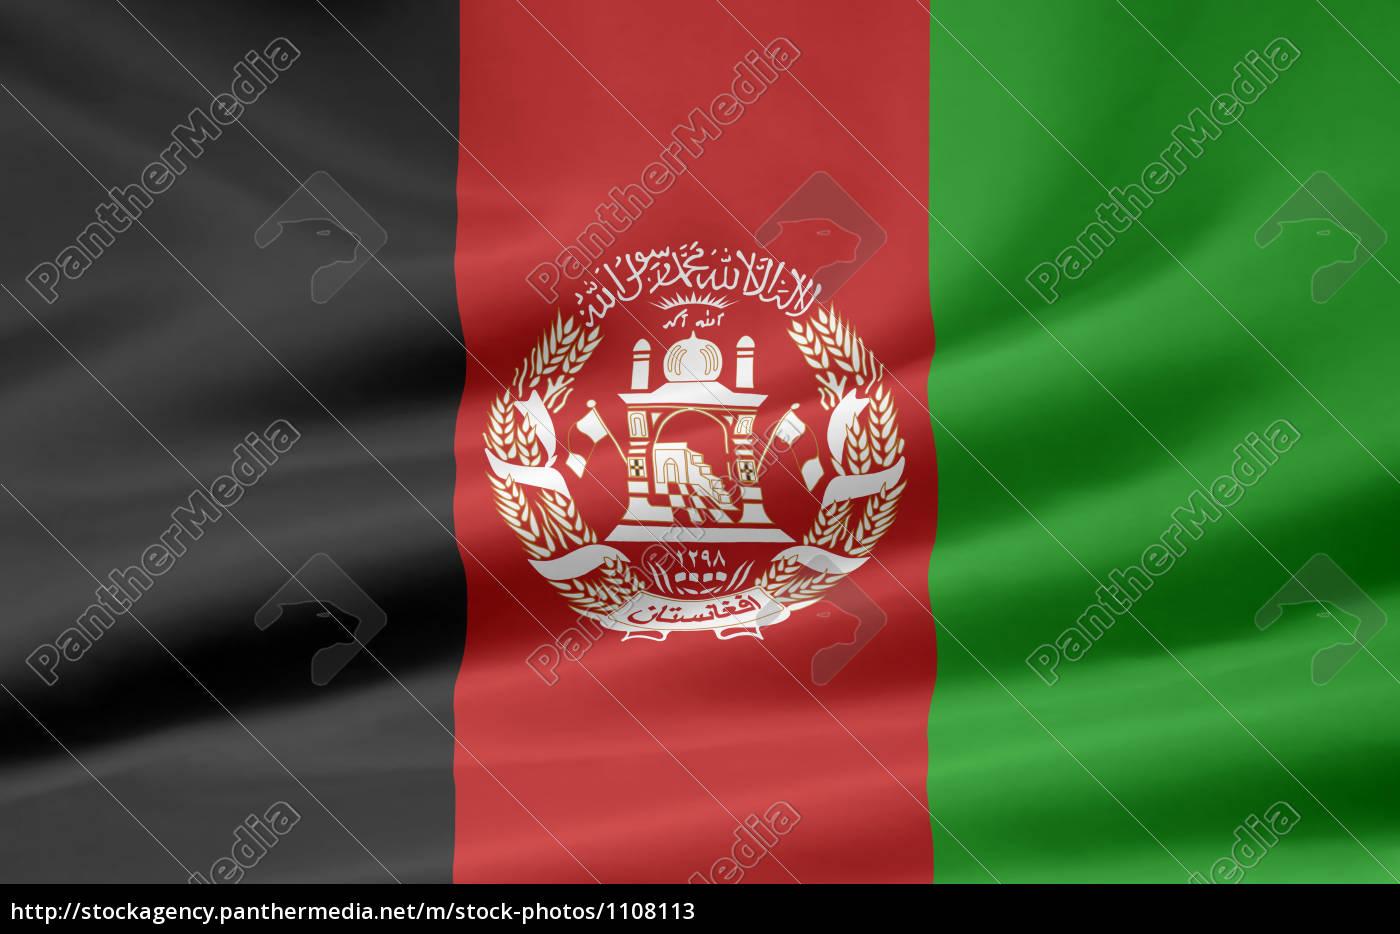 Afghanische Flagge Stockfoto 1108113 Bildagentur Panthermedia